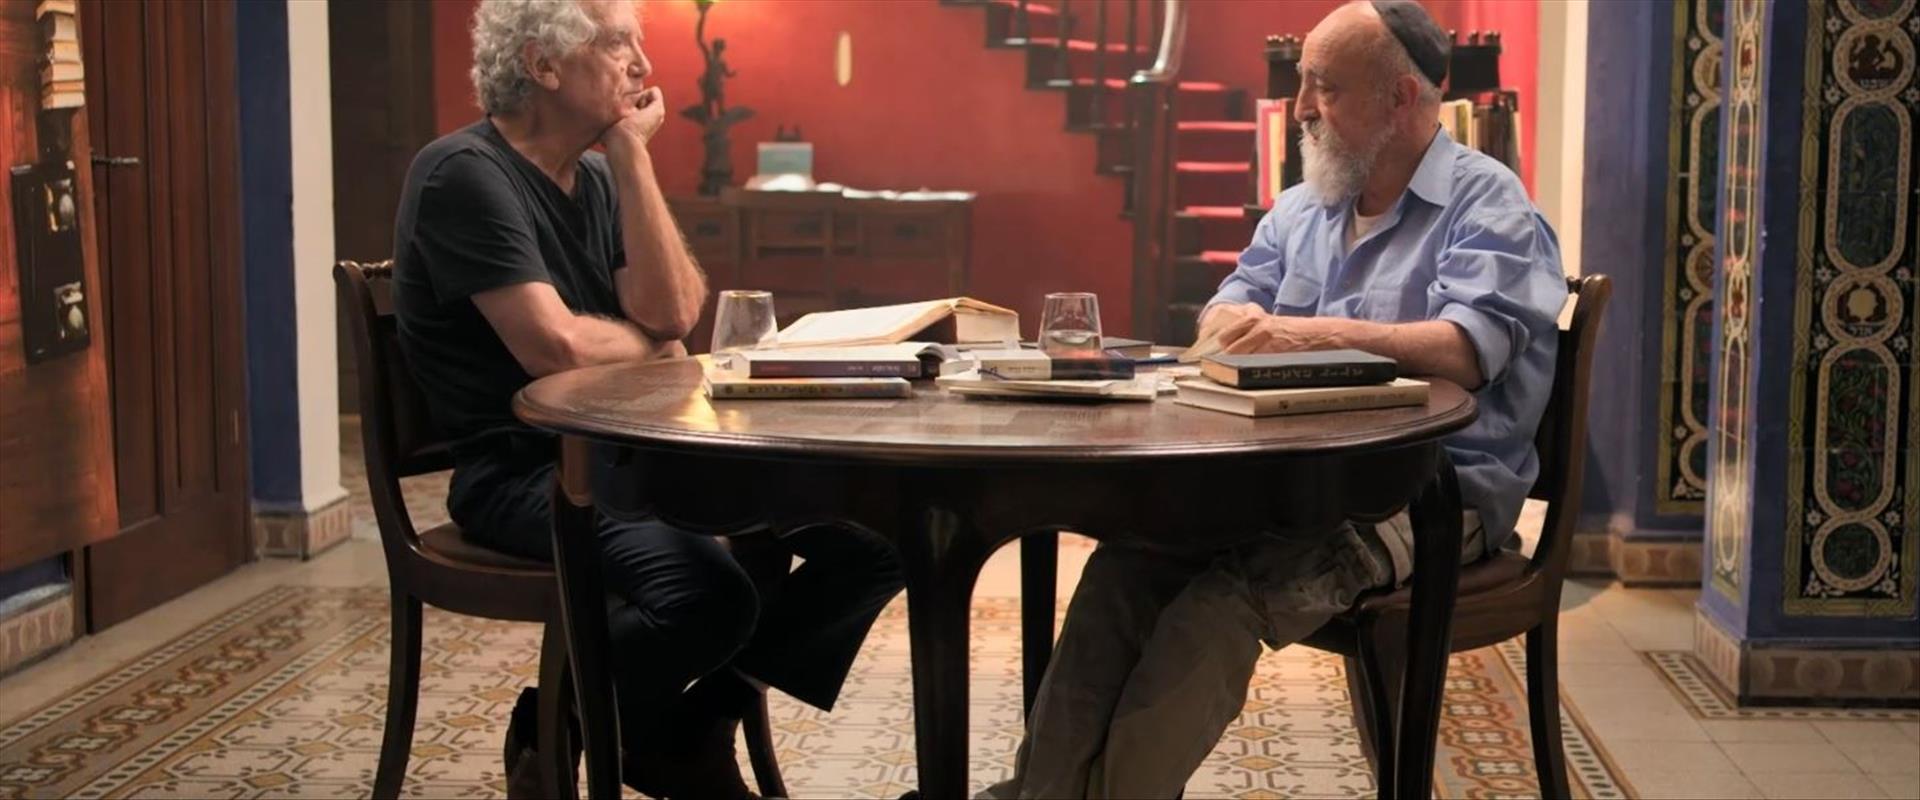 שאלה תשובה פרק 5 - יוסף וארי